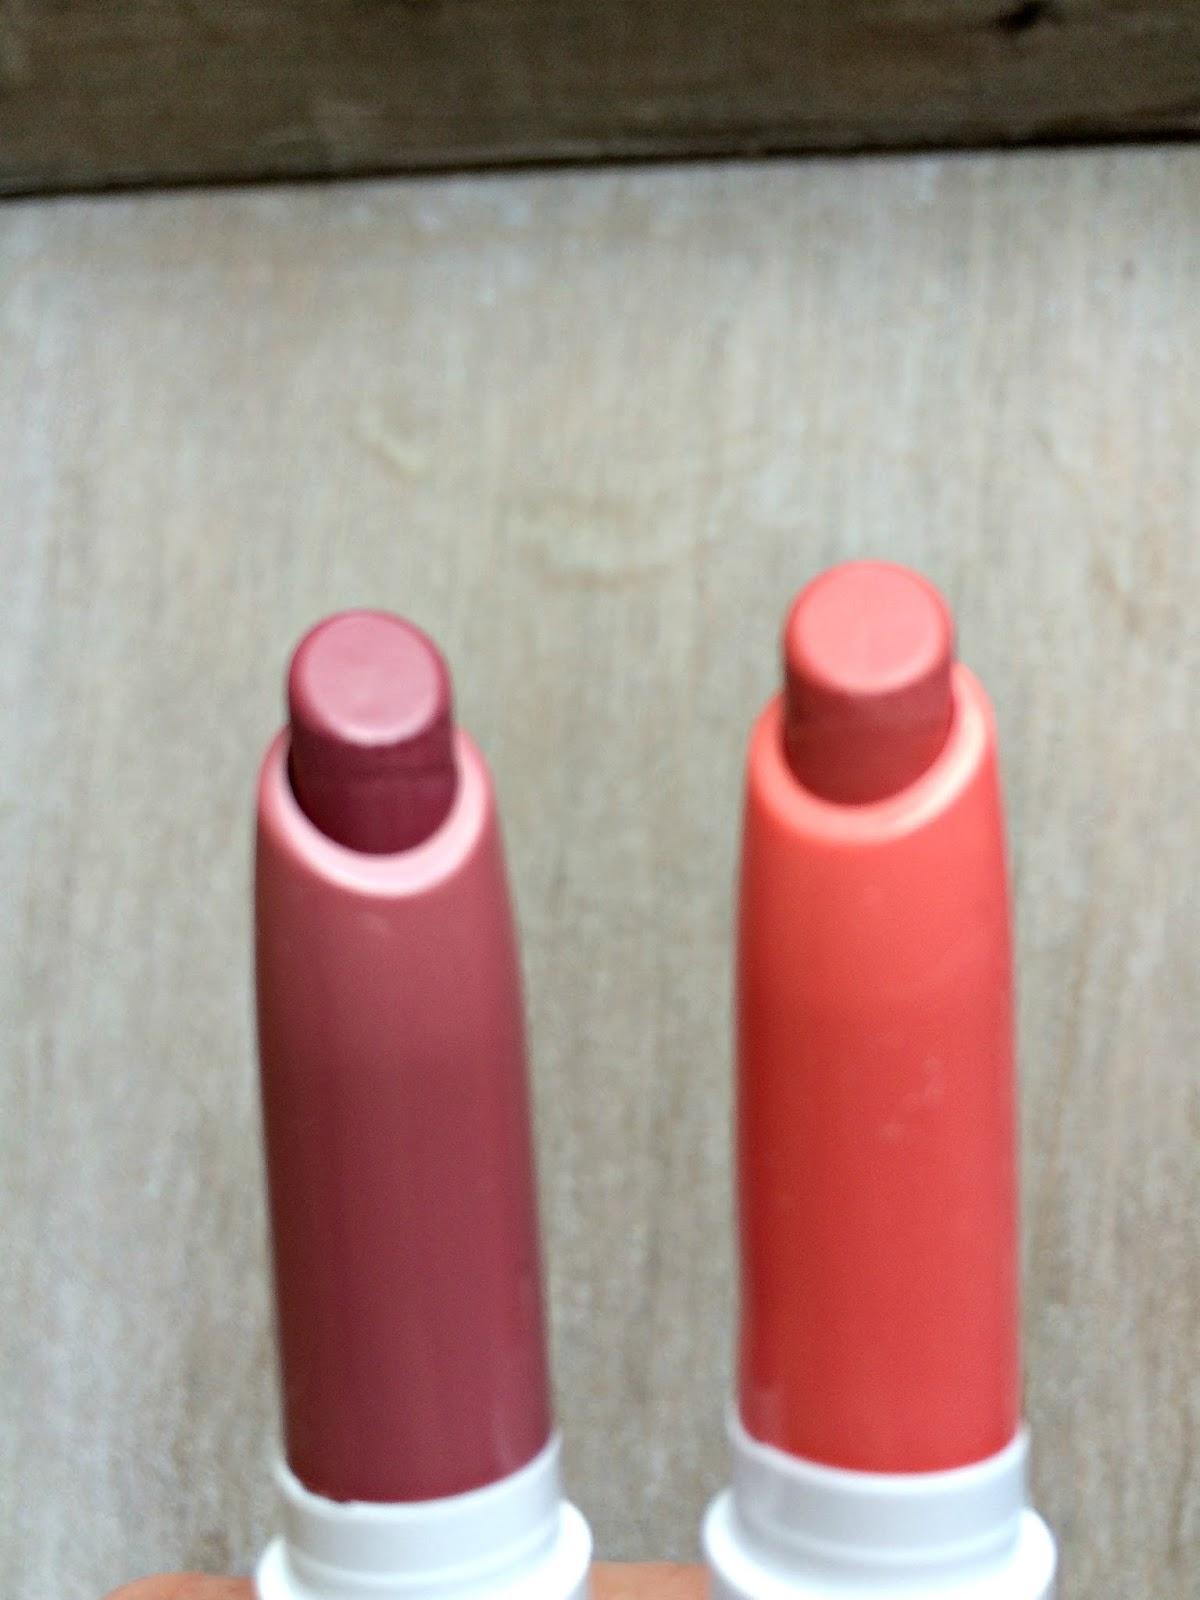 Colourpop lippie stix lumiere crunch matte sheer